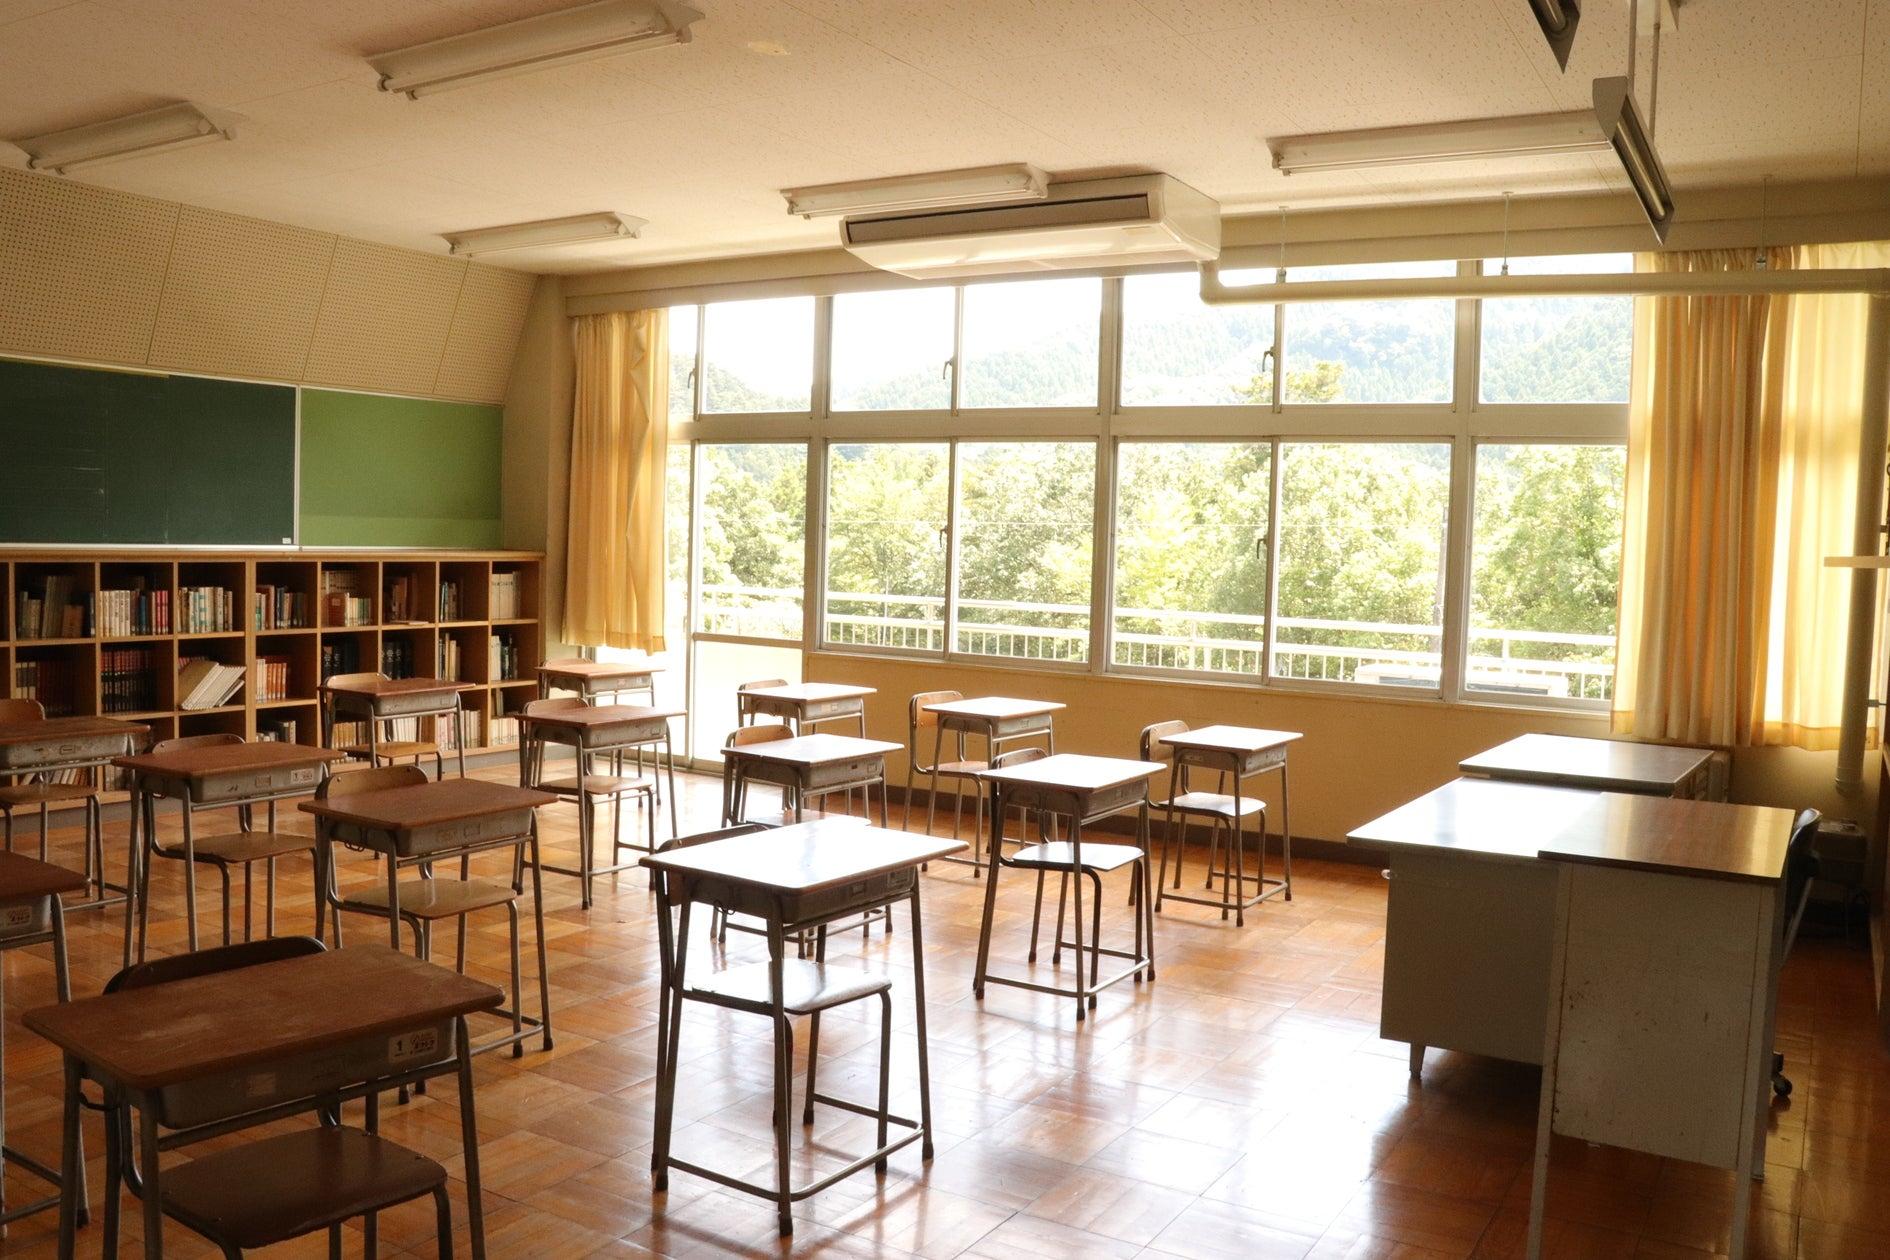 【教室A】学生時代にタイムスリップしたかのうような廃校の教室で撮影ができます